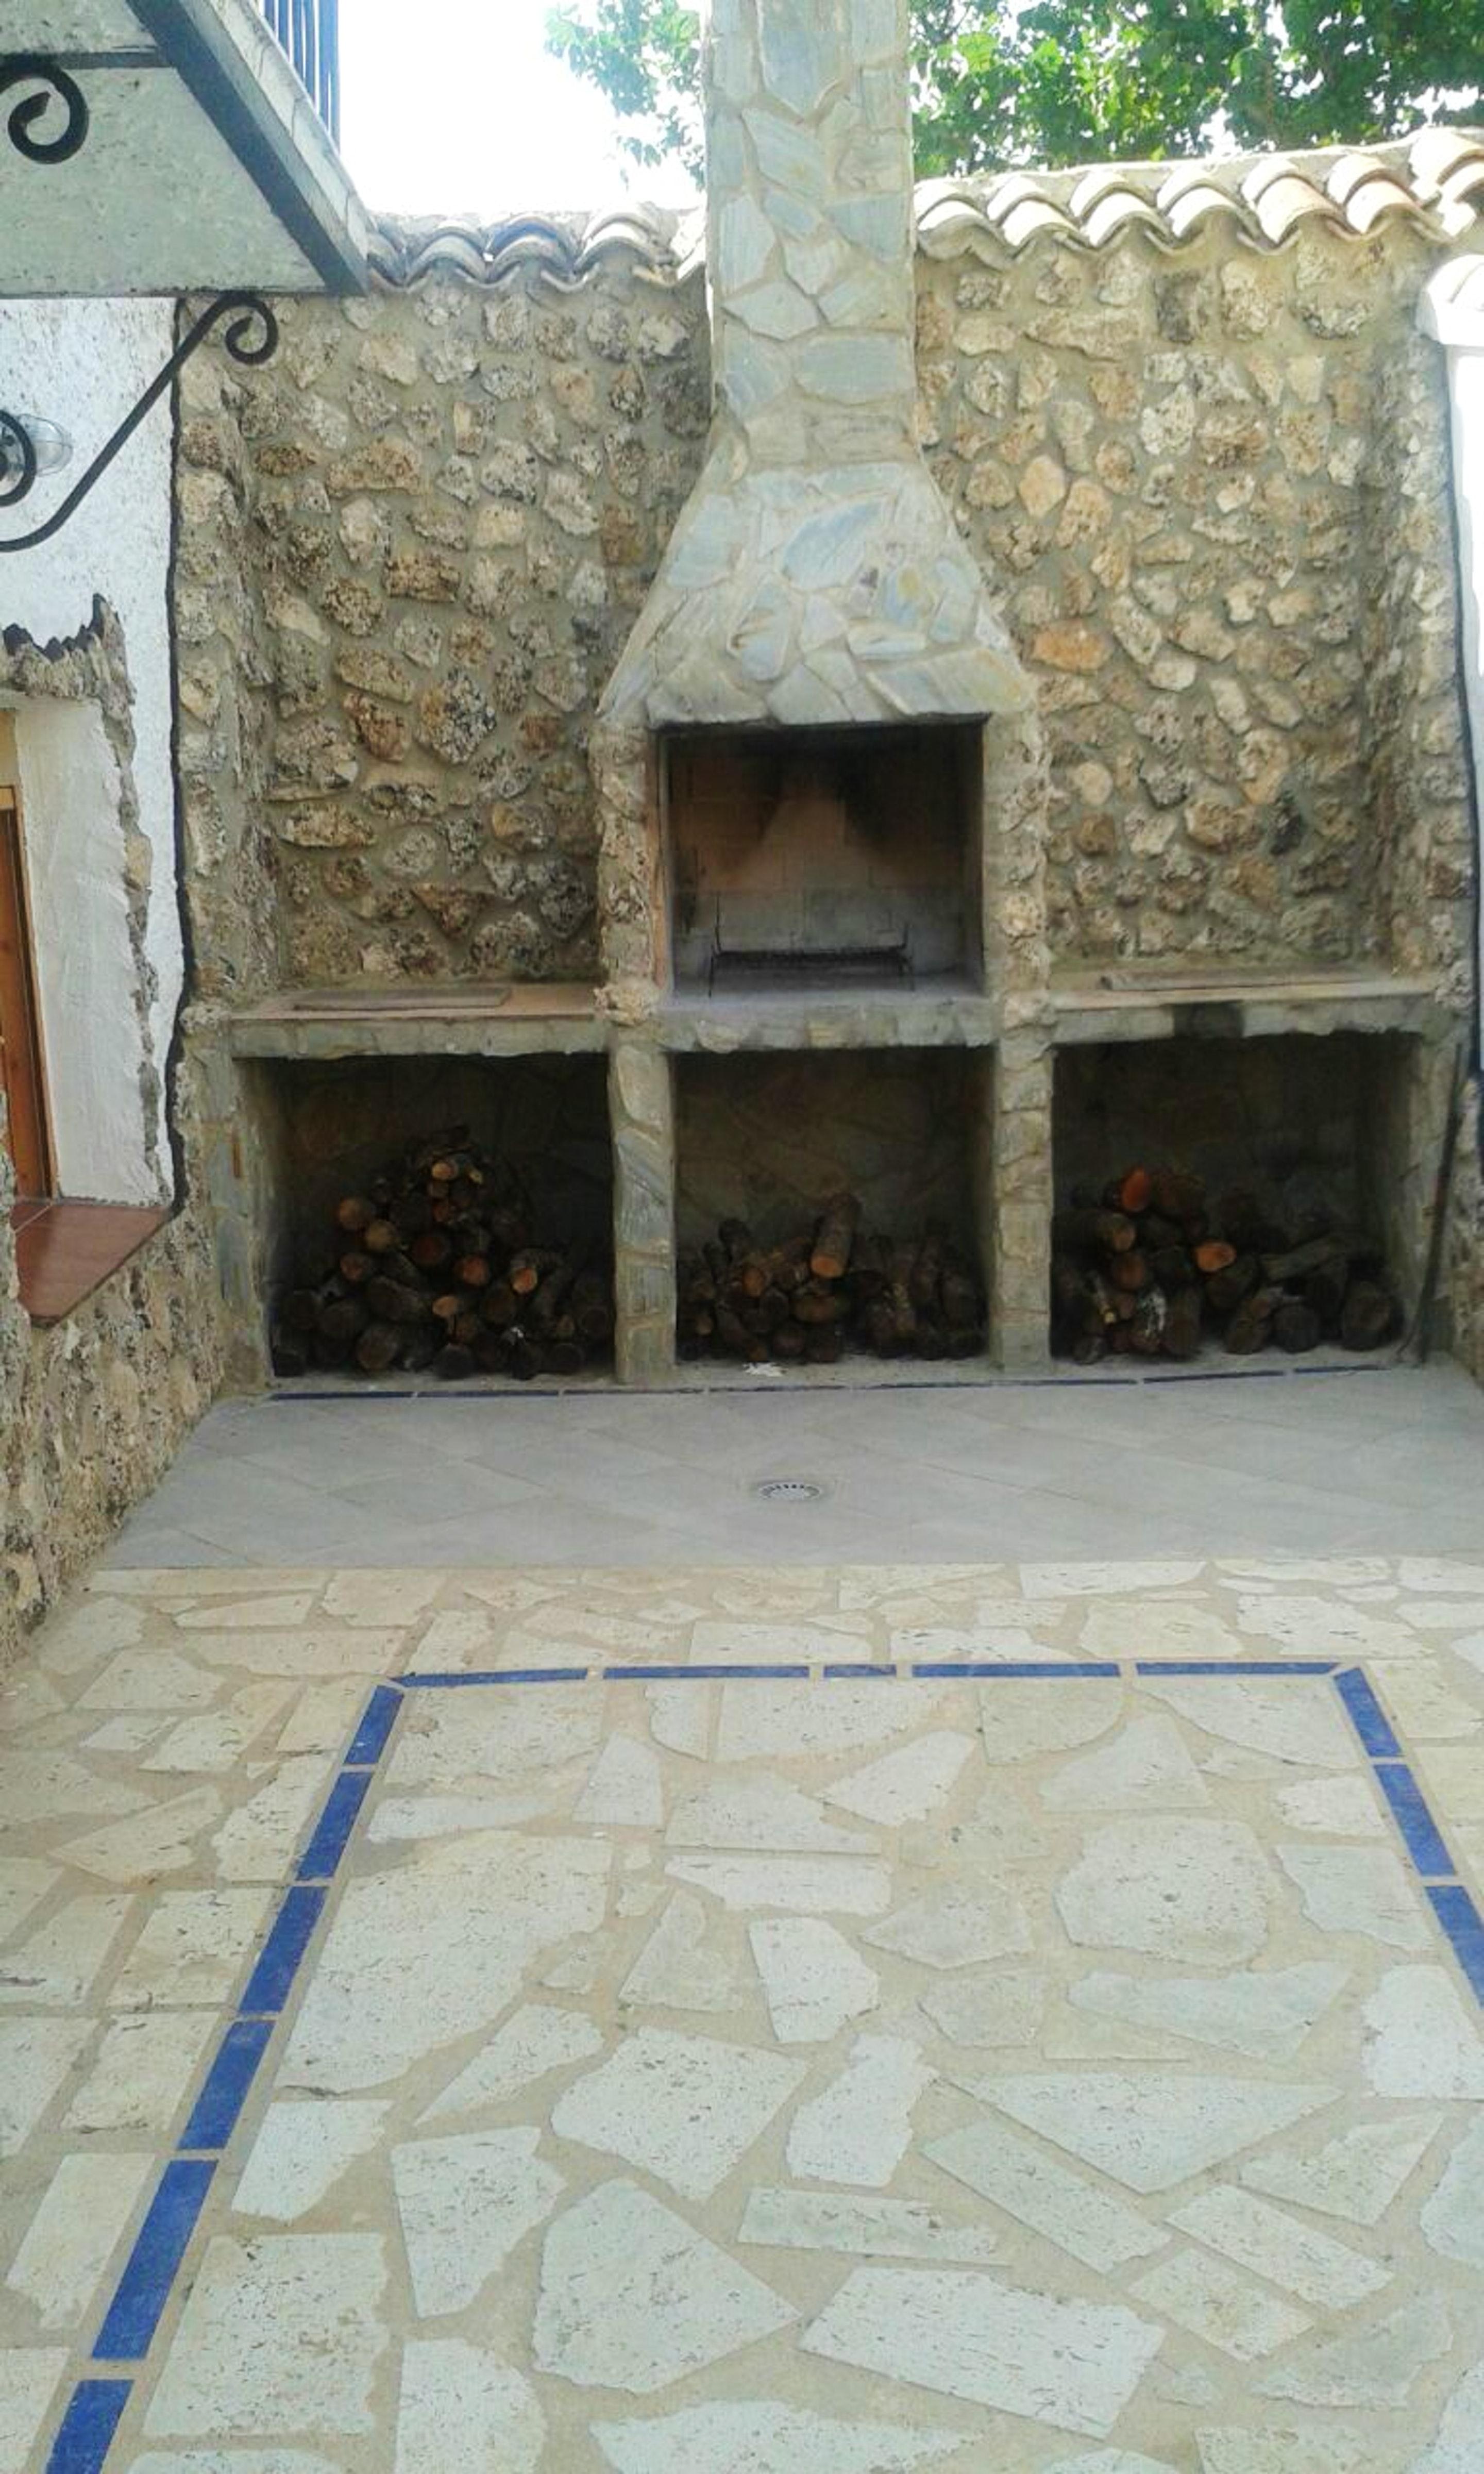 Ferienhaus Haus mit 5 Schlafzimmern in Casas del Cerro mit toller Aussicht auf die Berge und möbliert (2201517), Casas del Cerro, Albacete, Kastilien-La Mancha, Spanien, Bild 31